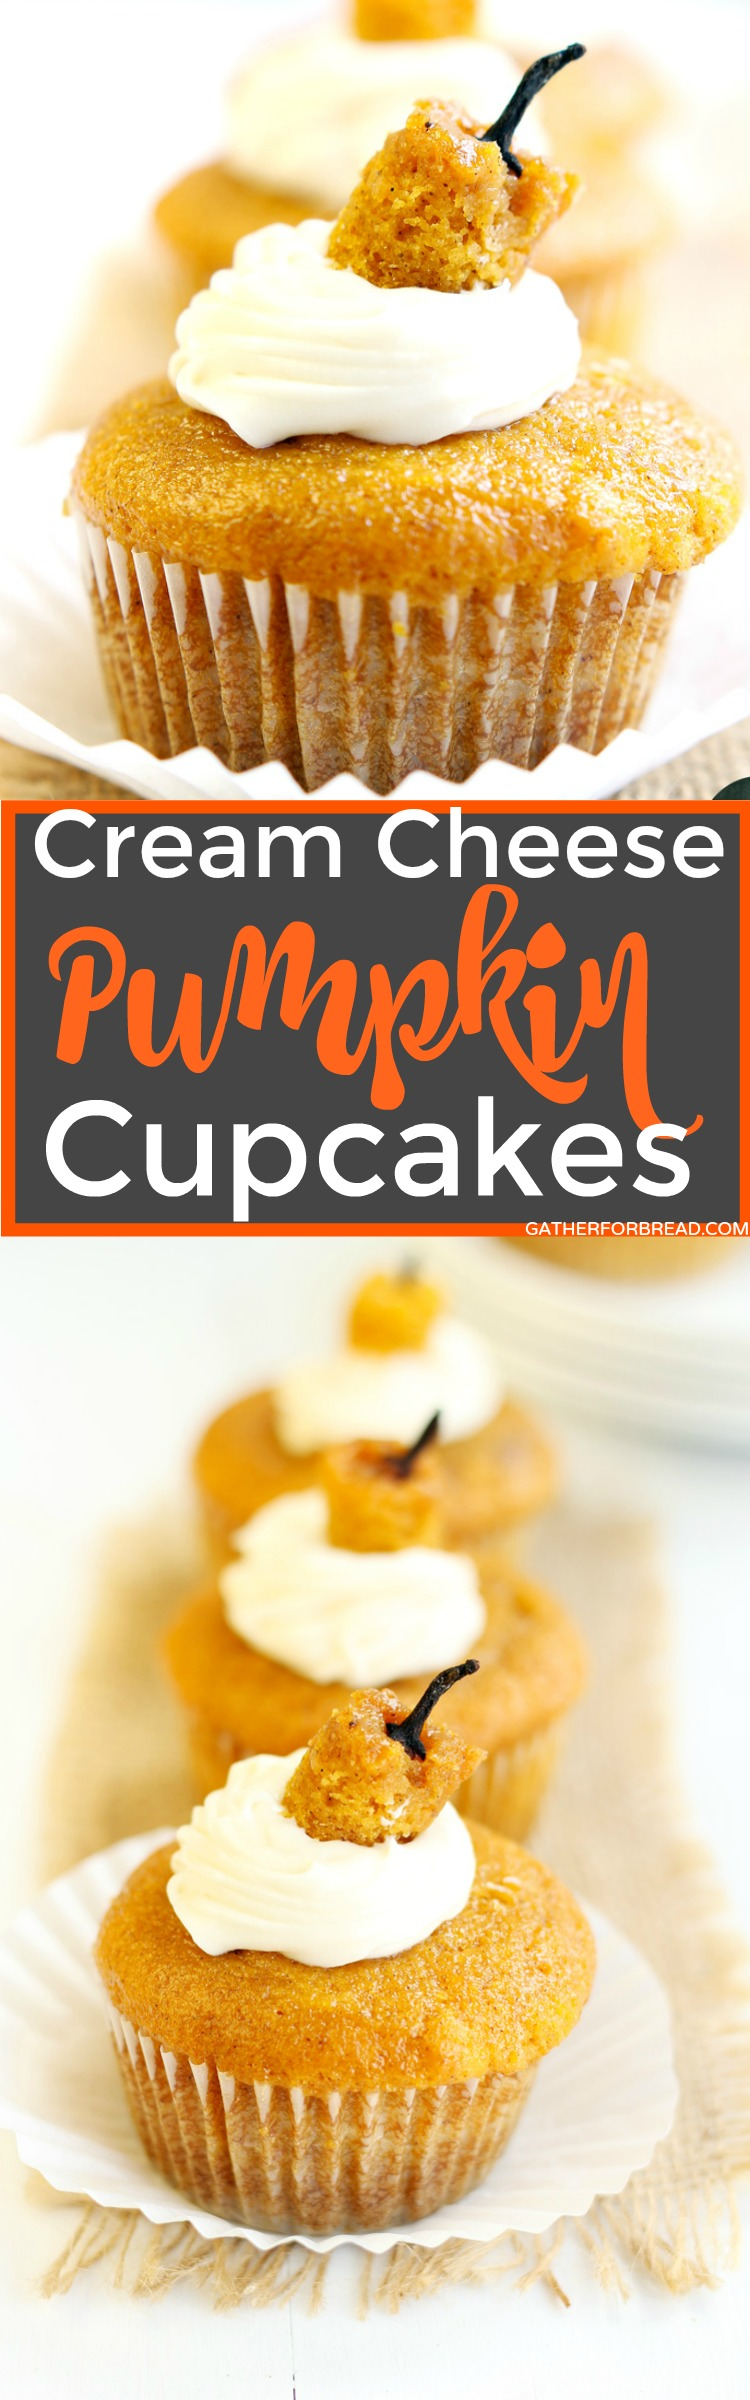 Cream Cheese Pumpkin Cupcakes